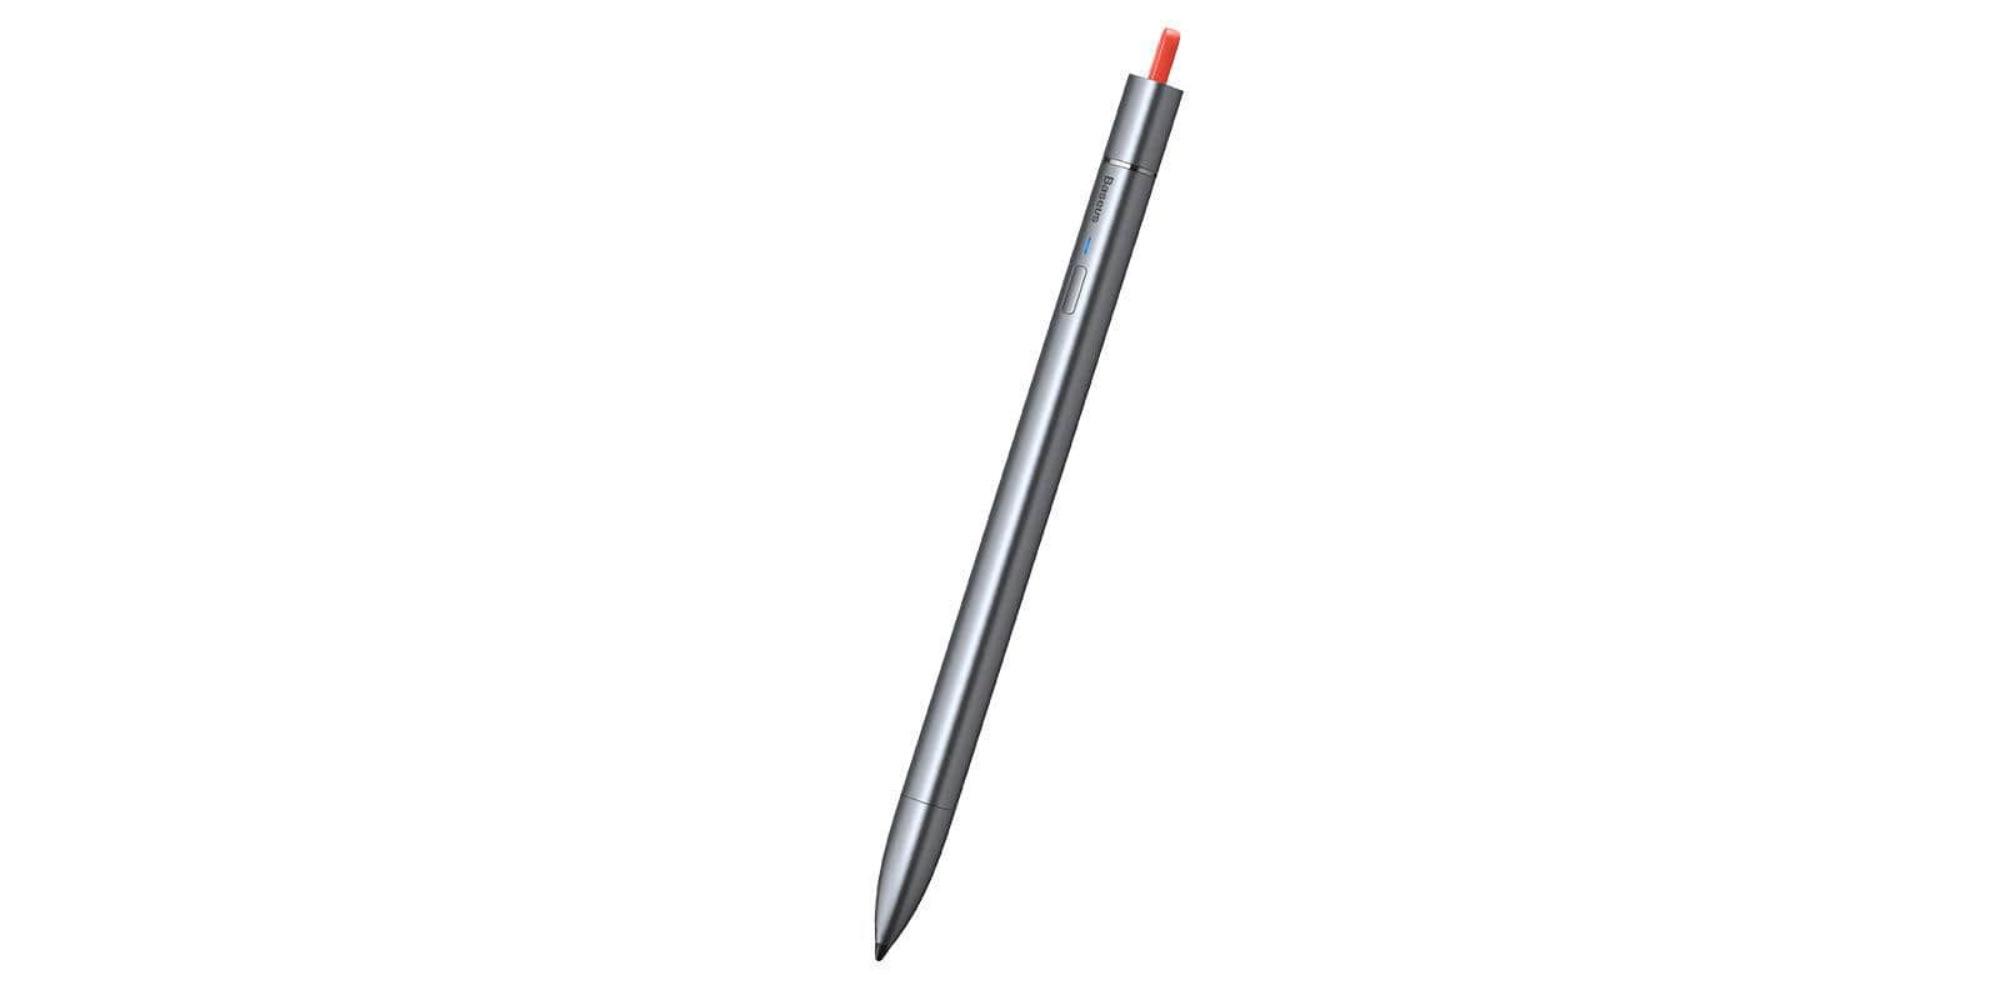 Baseus Square Line Capacitive Stylus pen